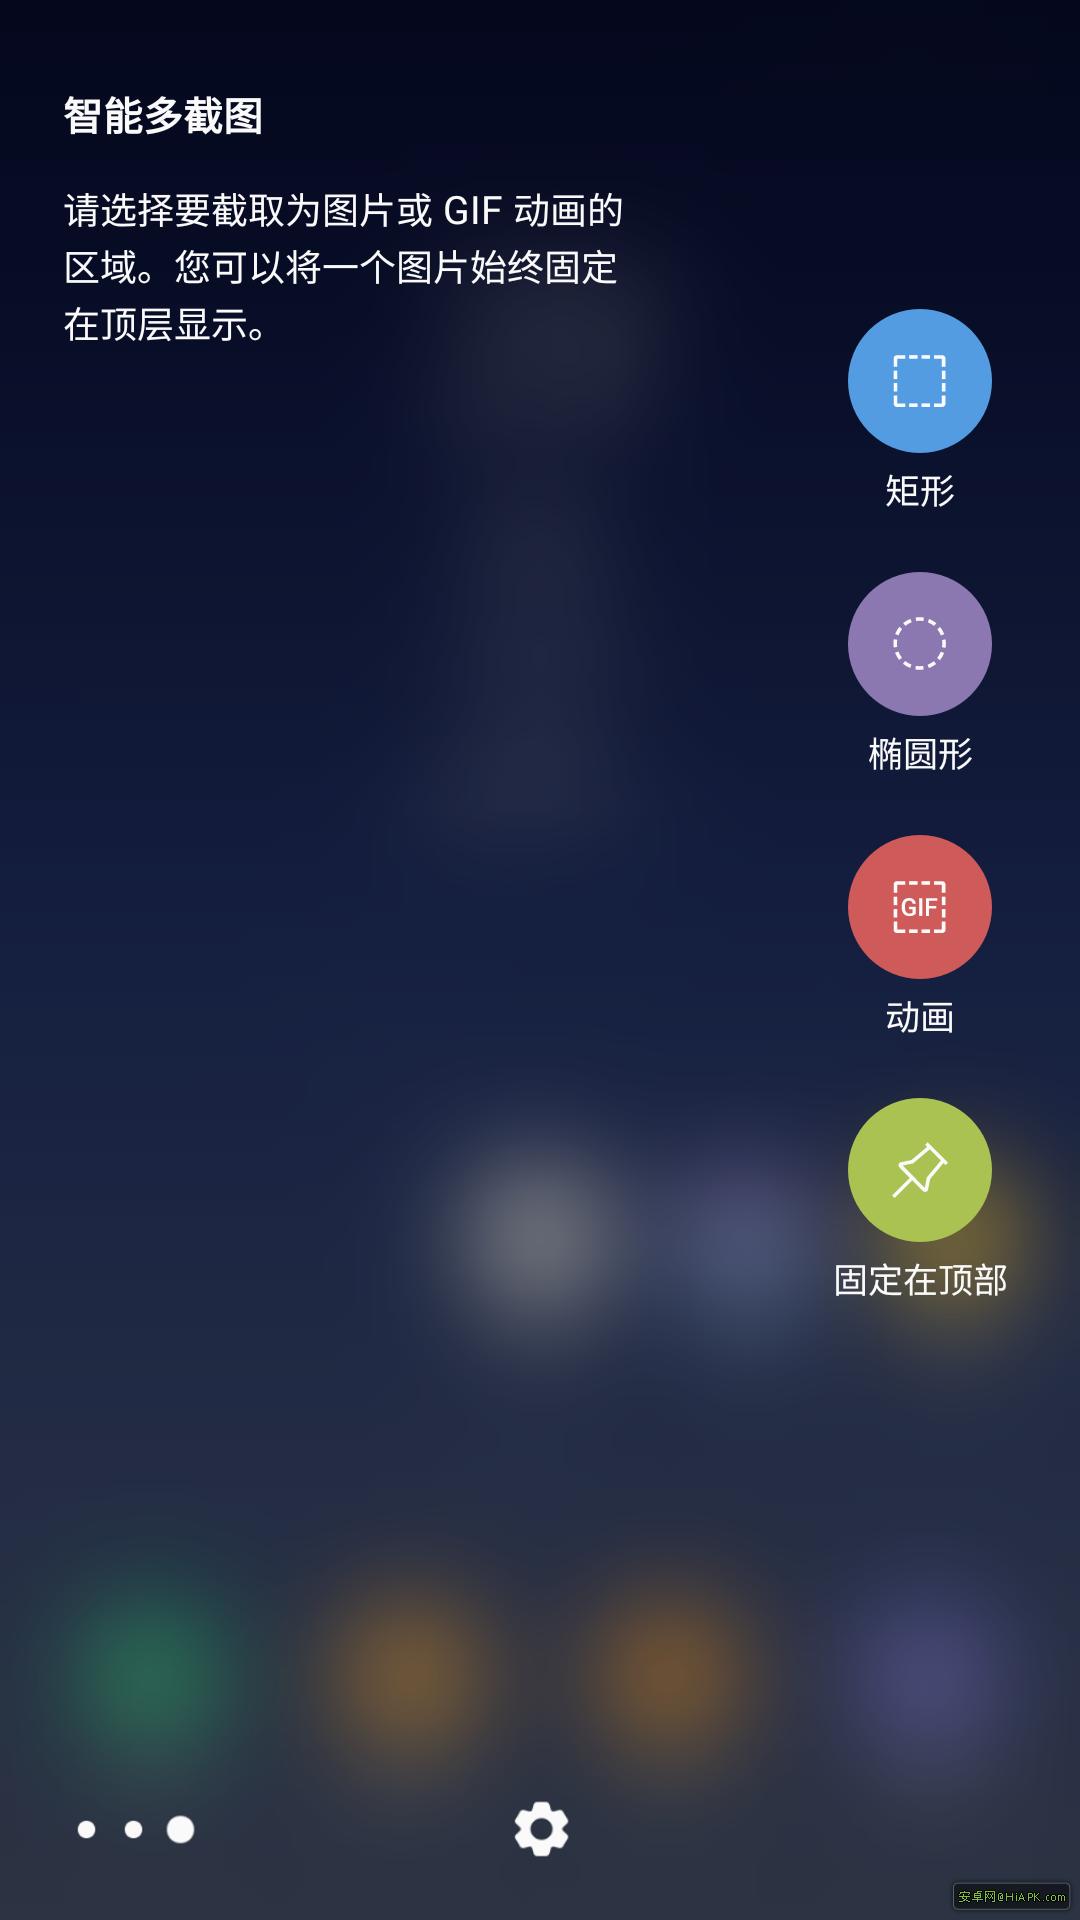 三星S6 edge+ G9280 Android 7.0固件 v2.0 刷机包下载插图1